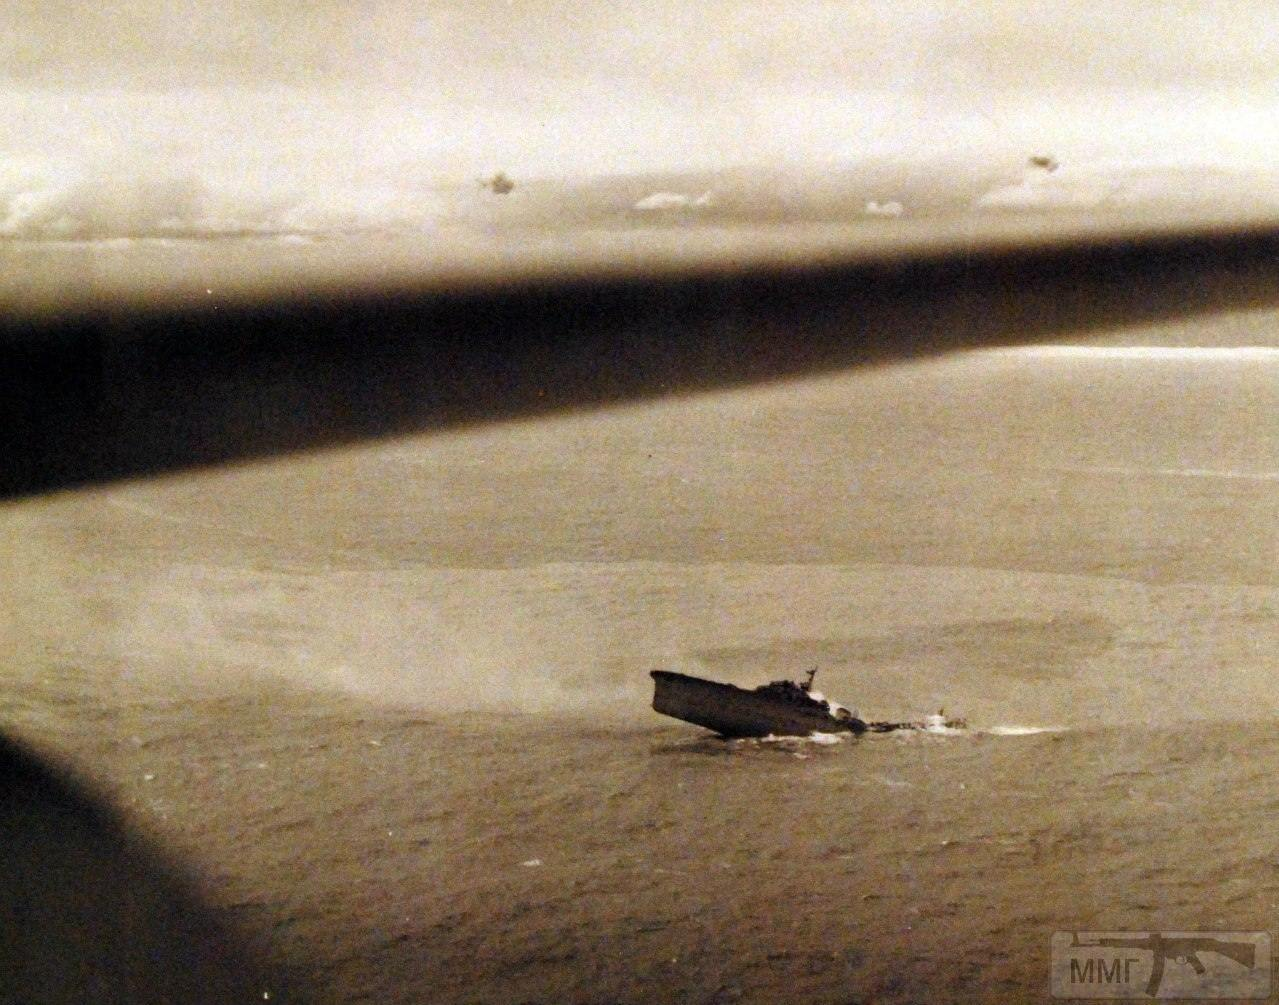 17108 - Военное фото 1941-1945 г.г. Тихий океан.